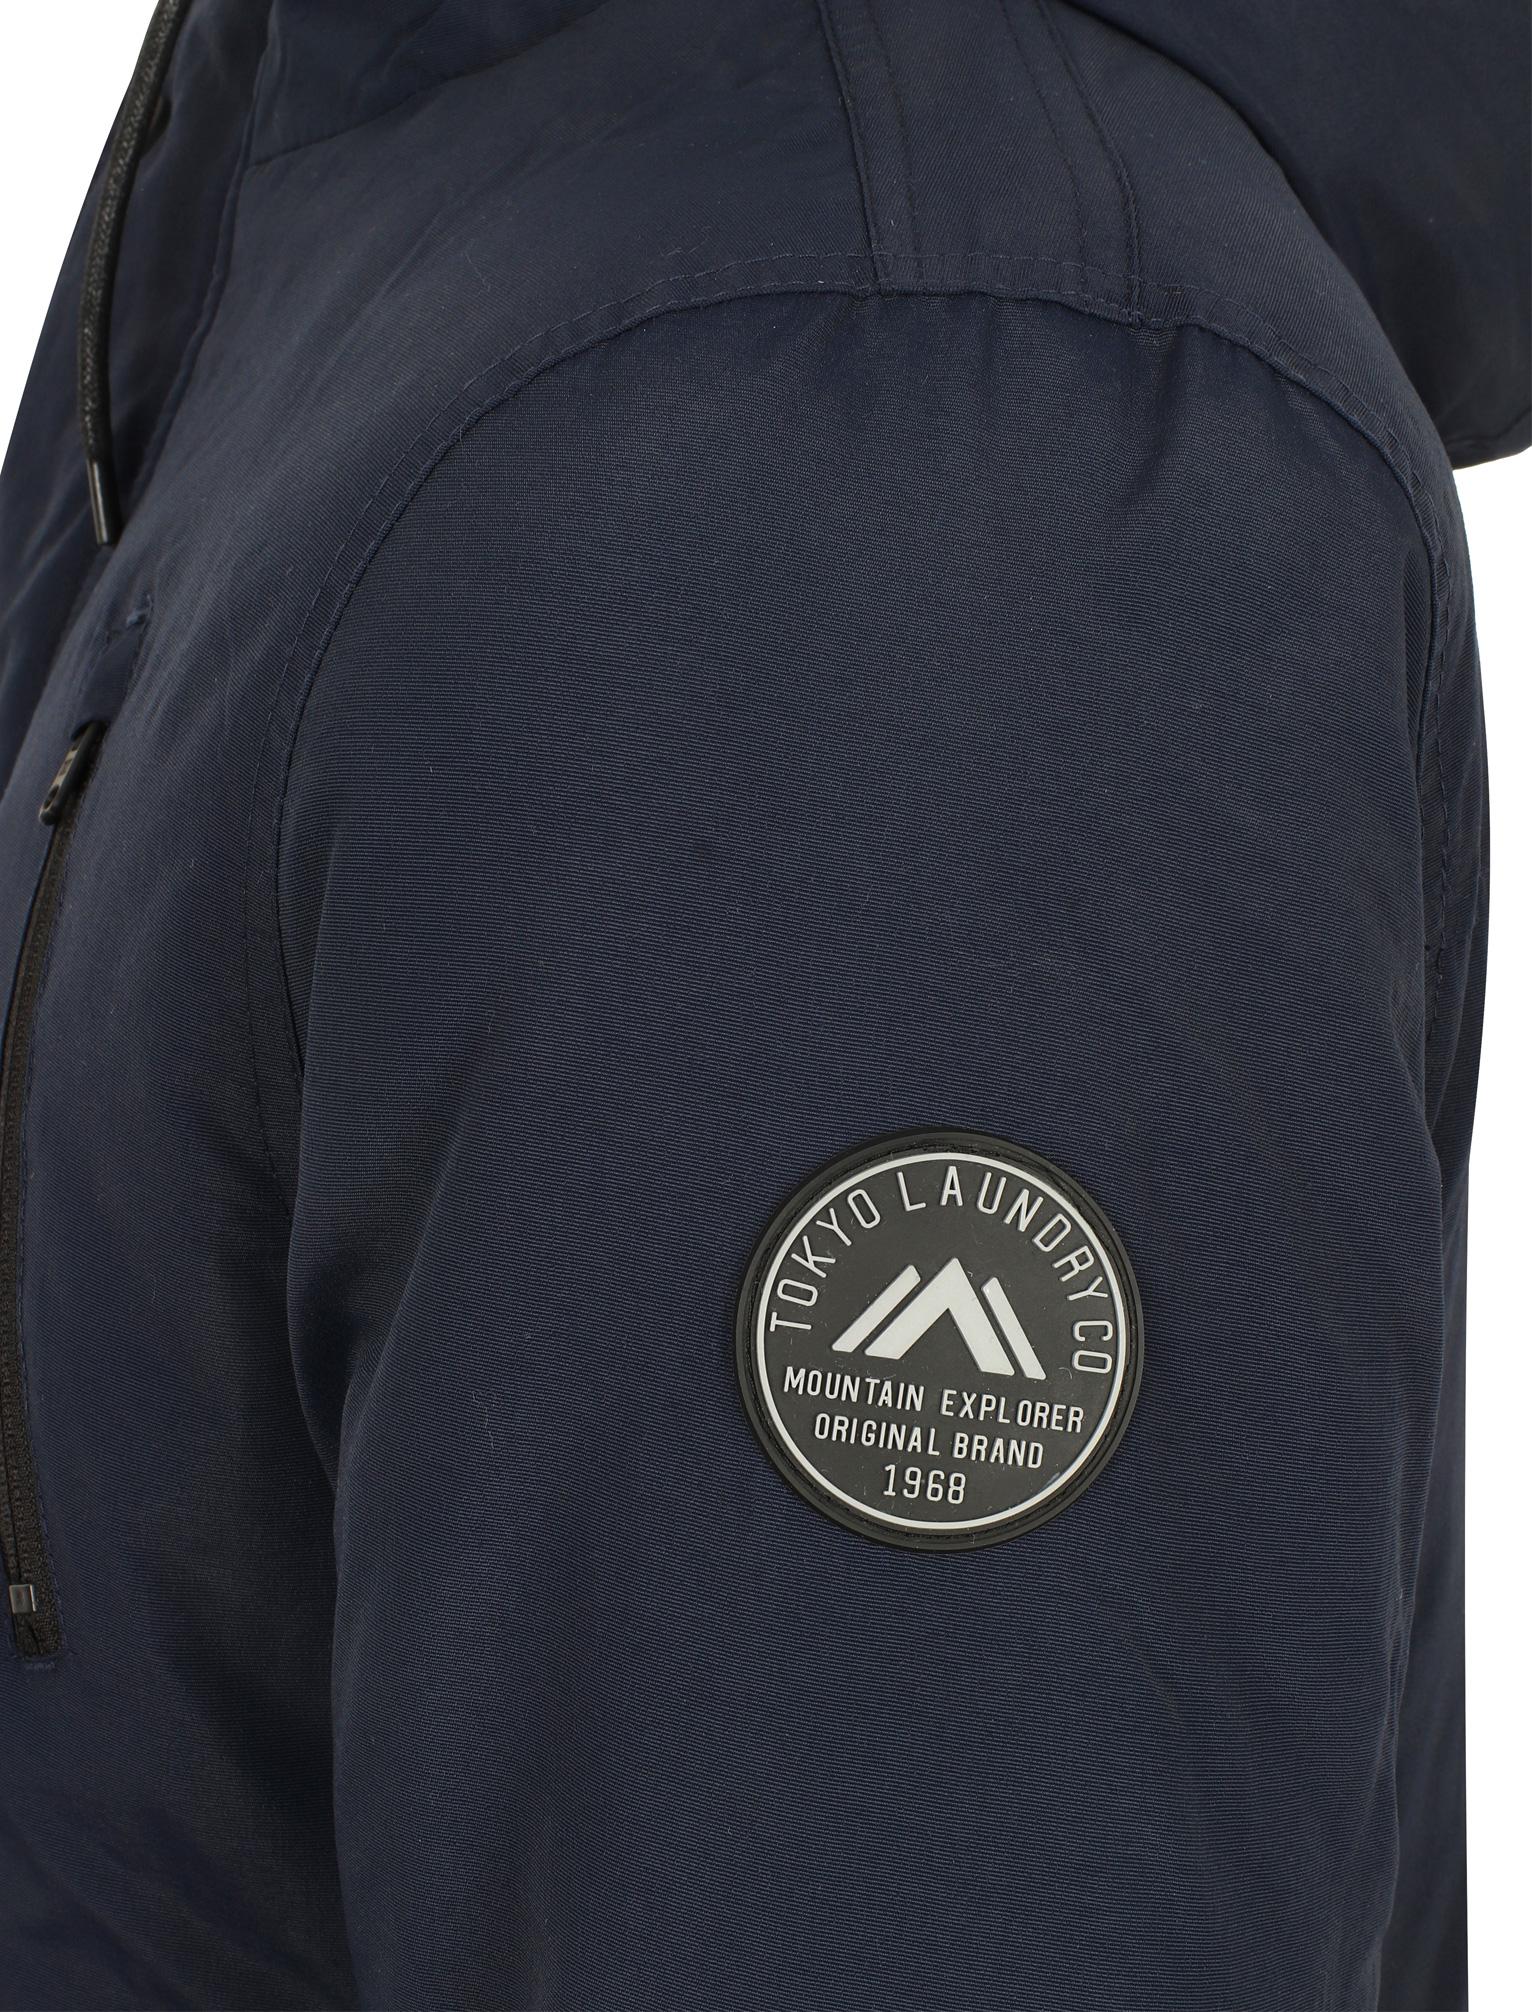 Tokyo Laundry Men/'s Lenart Hooded Parka Jacket Coat Size S M L XL XXL